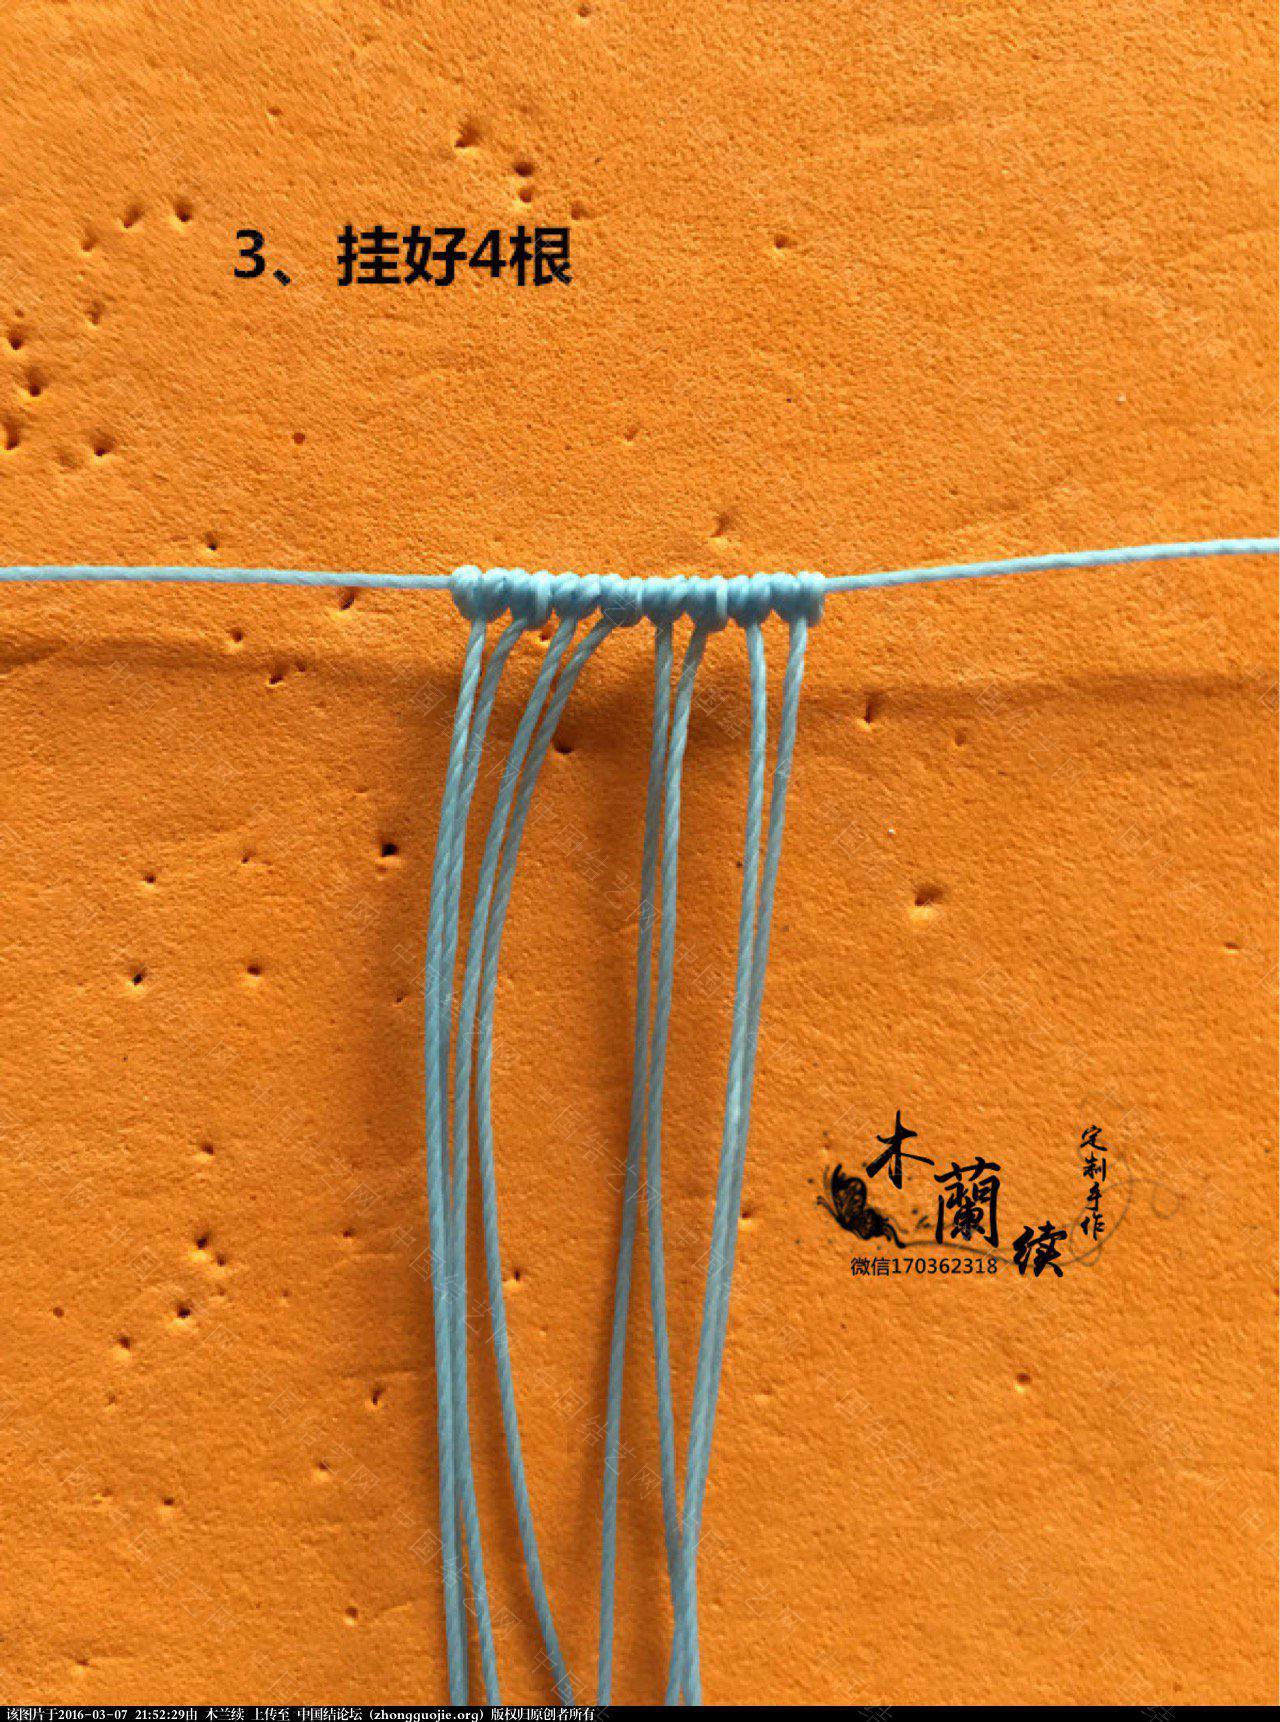 中国结论坛 【木兰续】萌萌的海星挂件! 木兰 图文教程区 214824xg3yggvcv9gy67tg